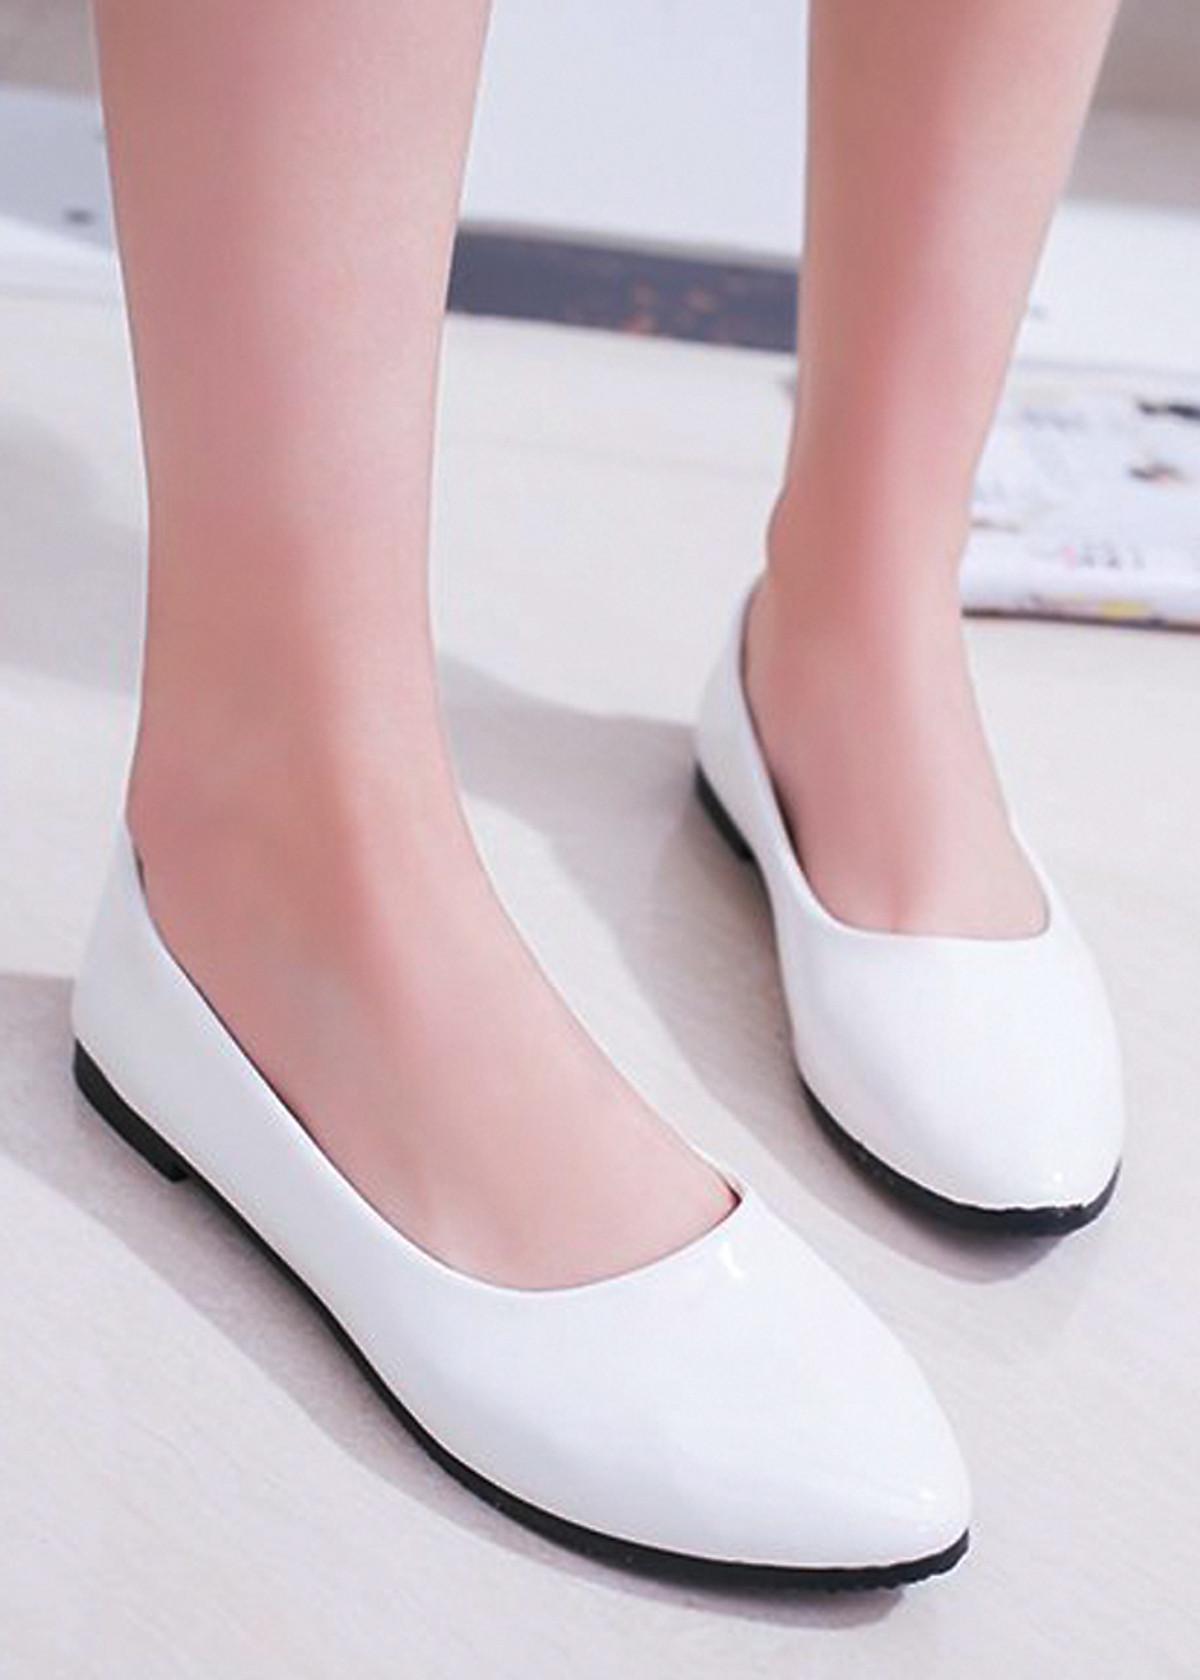 Giày búp bê da bóng mềm không đau chân , dáng chuẩn 96309 29